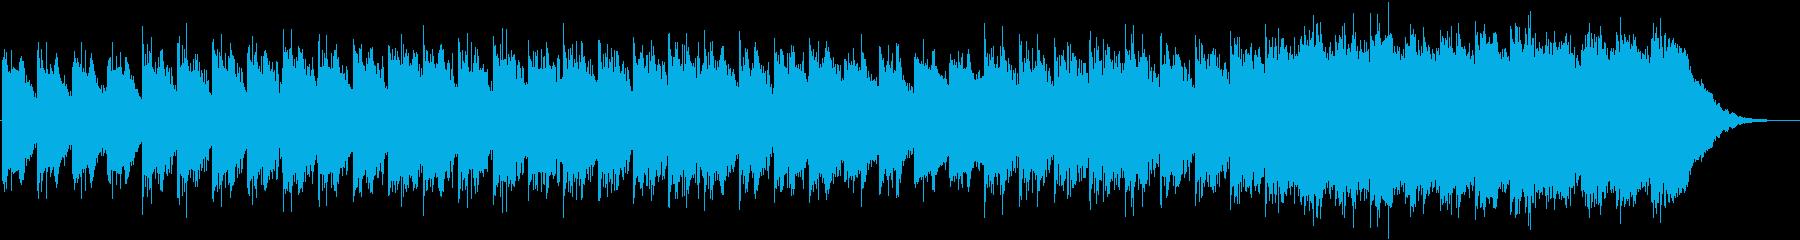 神秘的なチルアウトの再生済みの波形